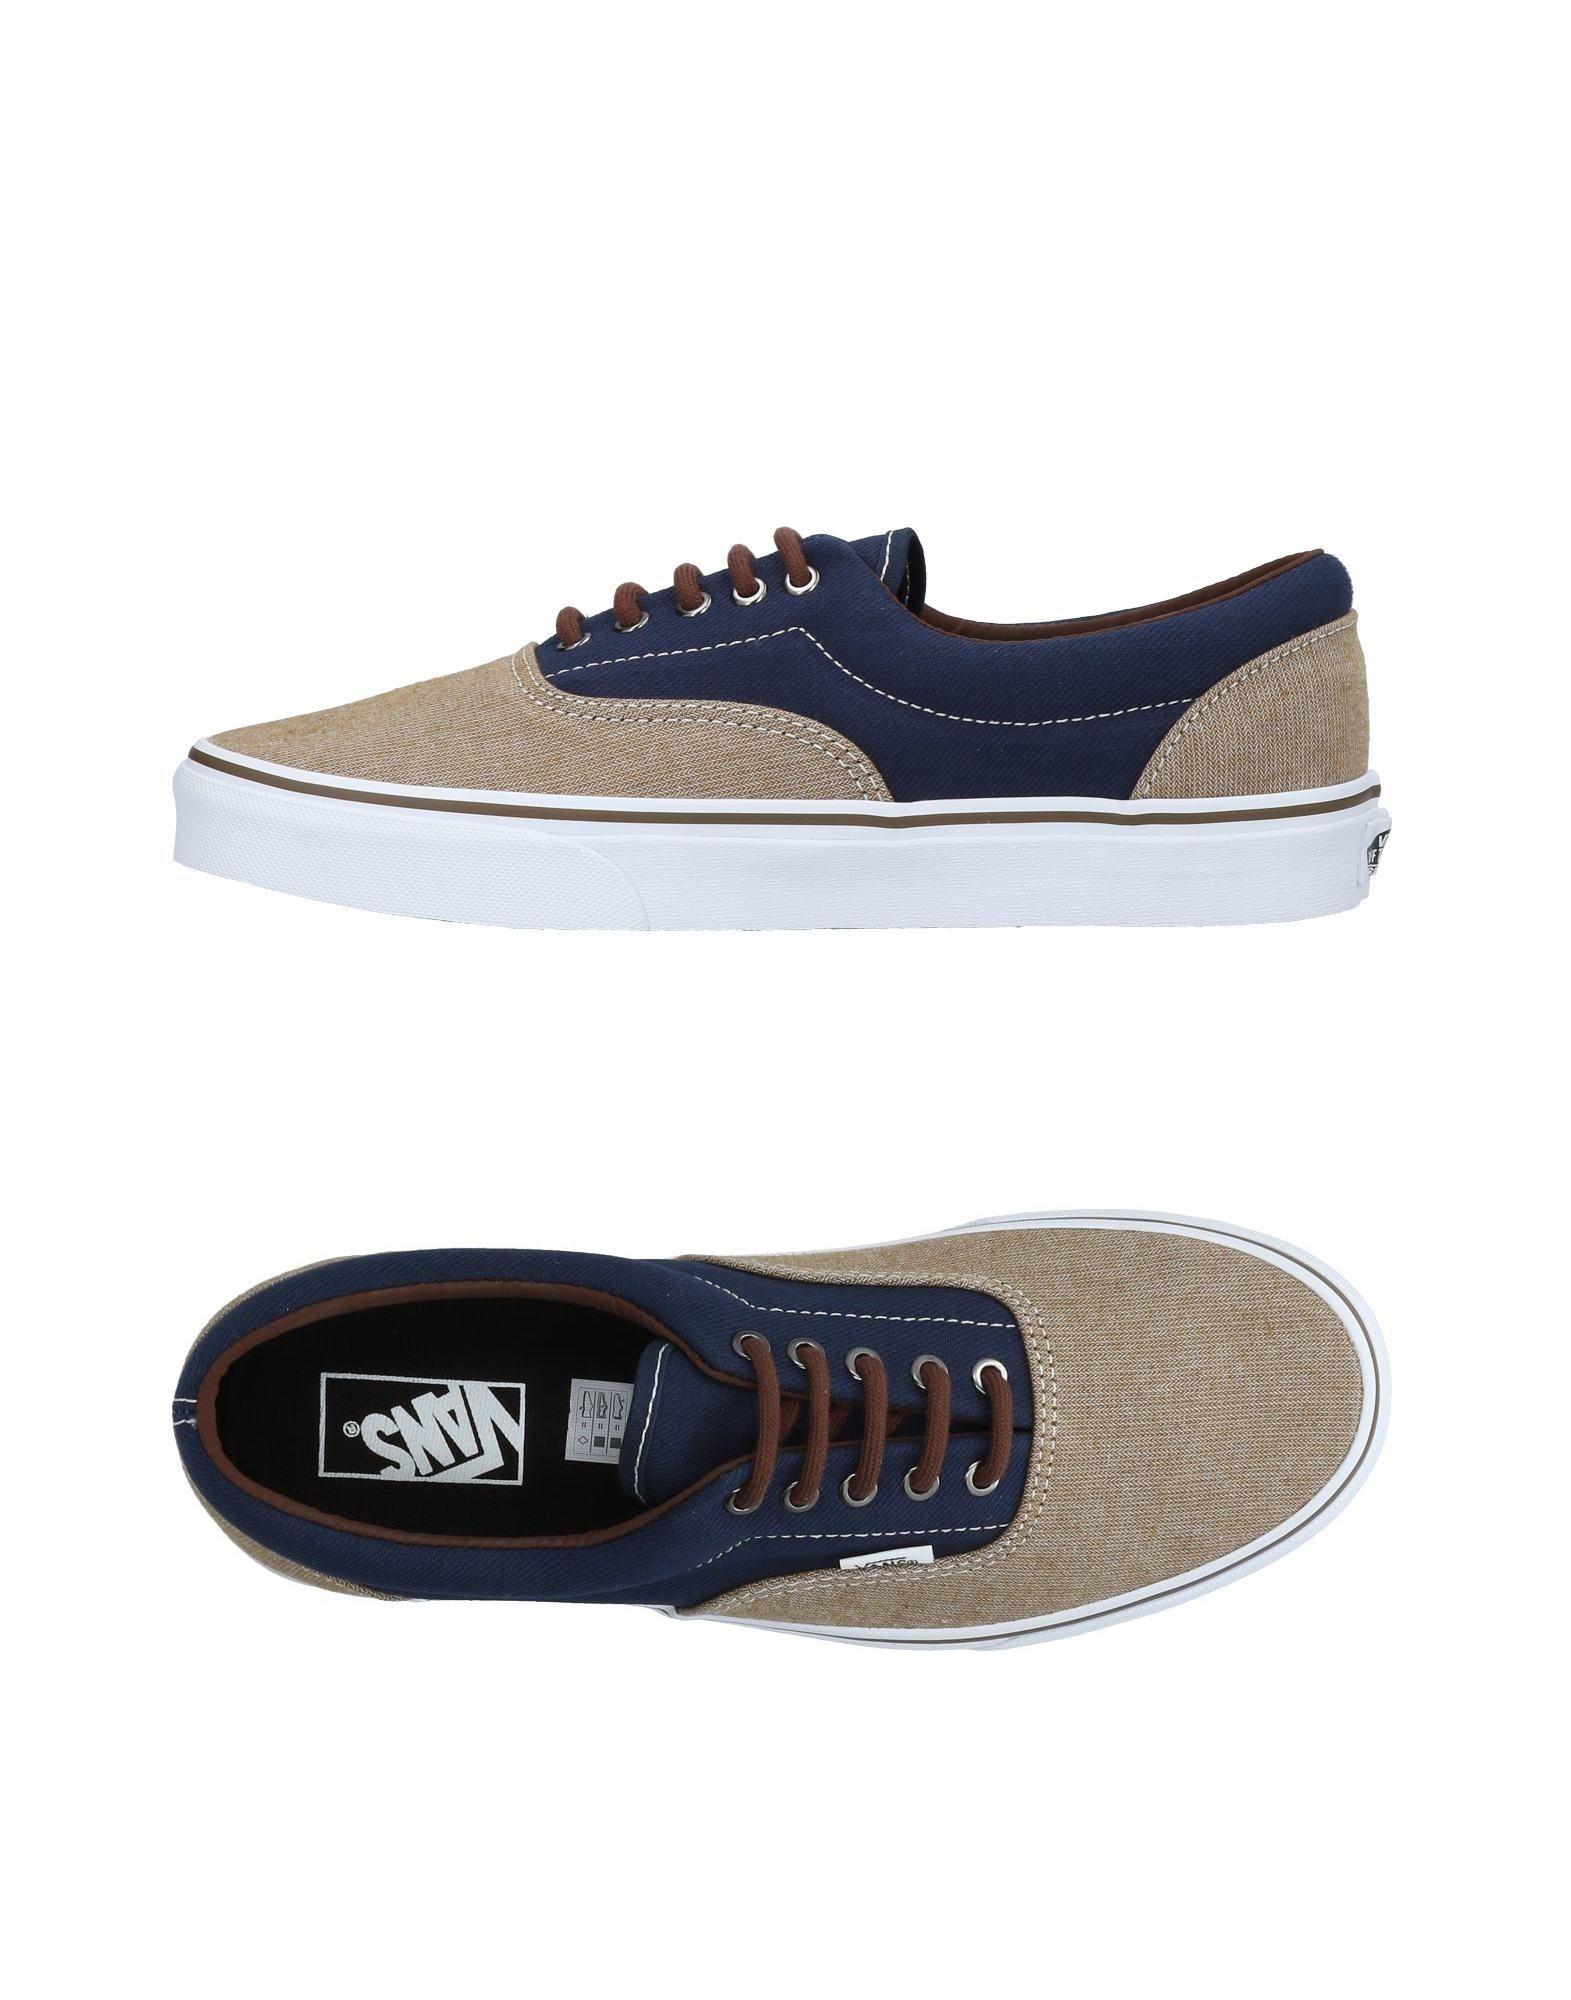 Sneakers Vans Homme - Sneakers Vans  Sable Meilleur modèle de vente